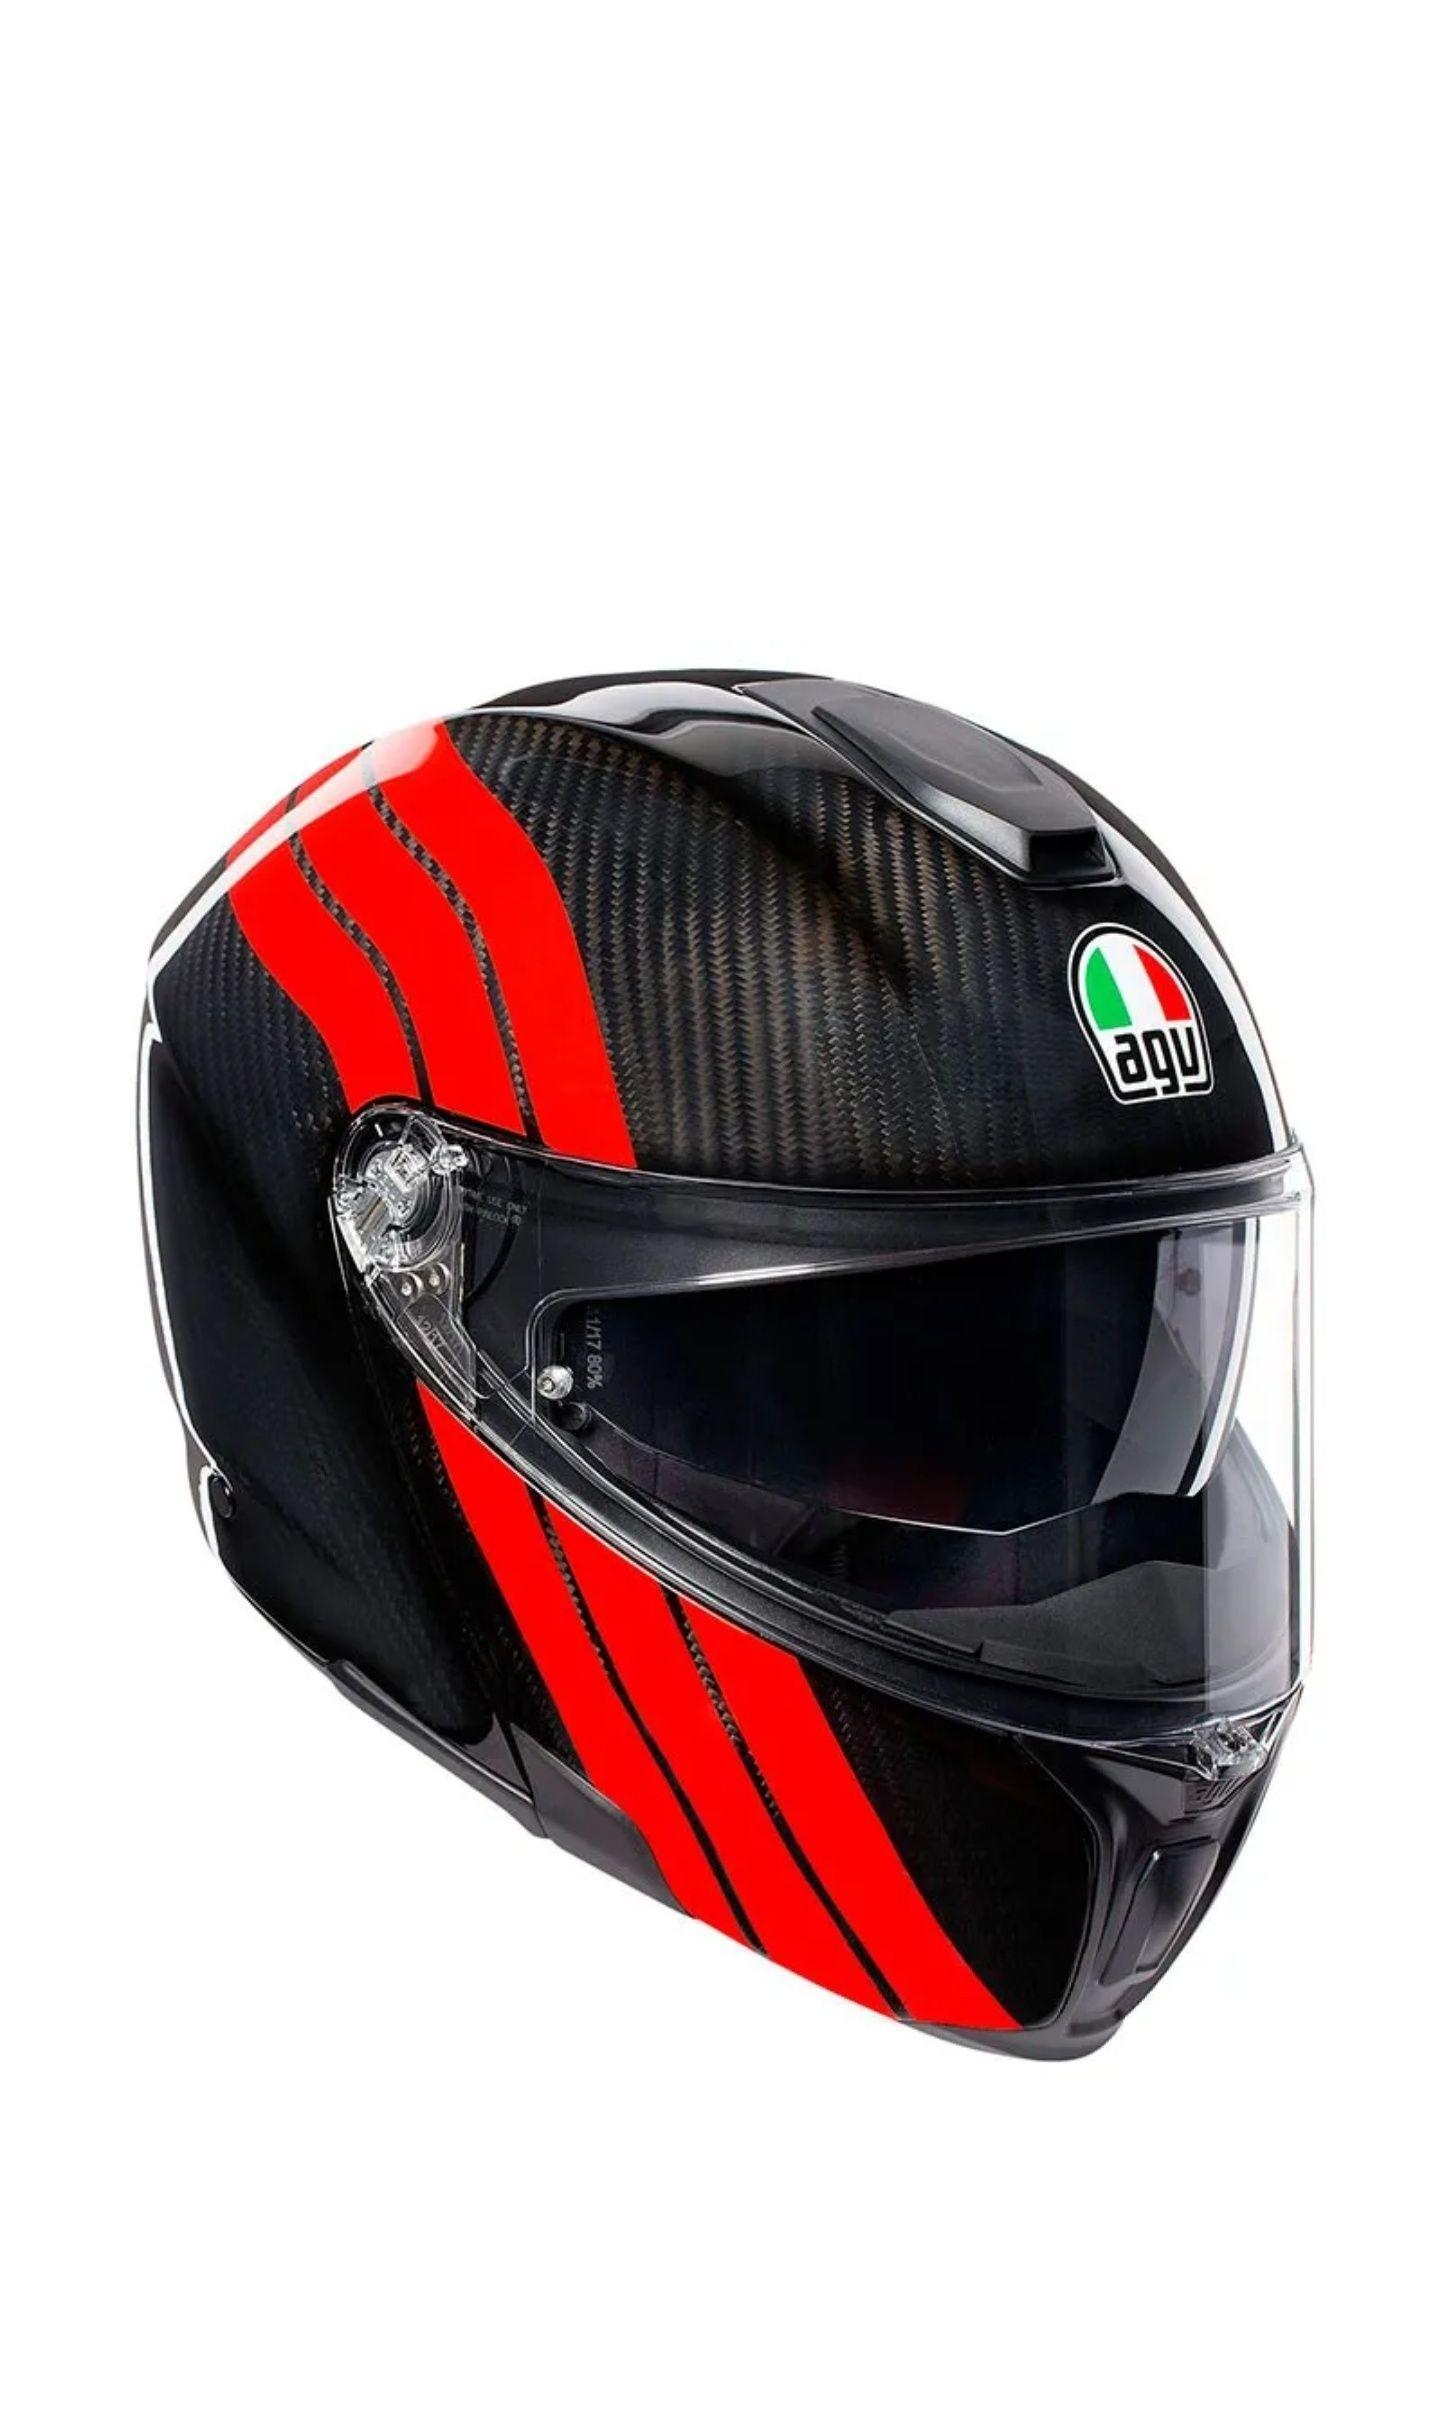 Casque moto AGV Sportmodular Multi Stripes (Taille S, M & L)